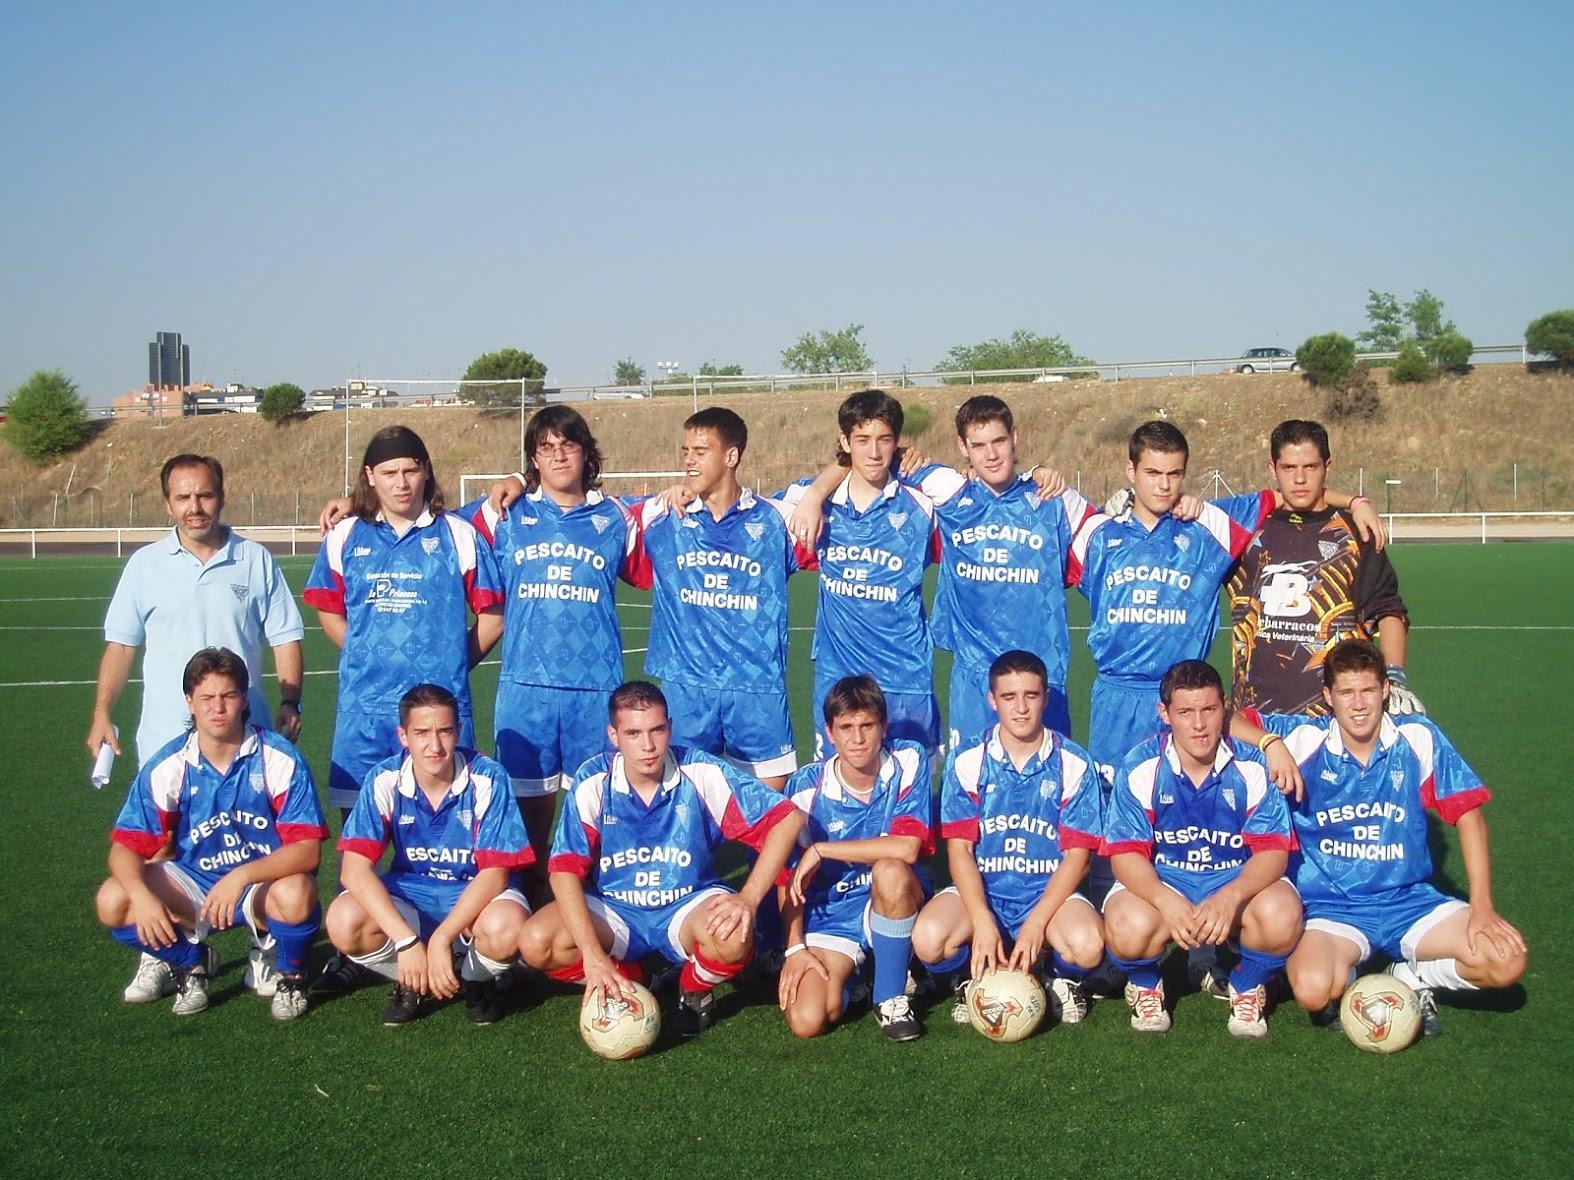 Fiestas 2005 Futbol